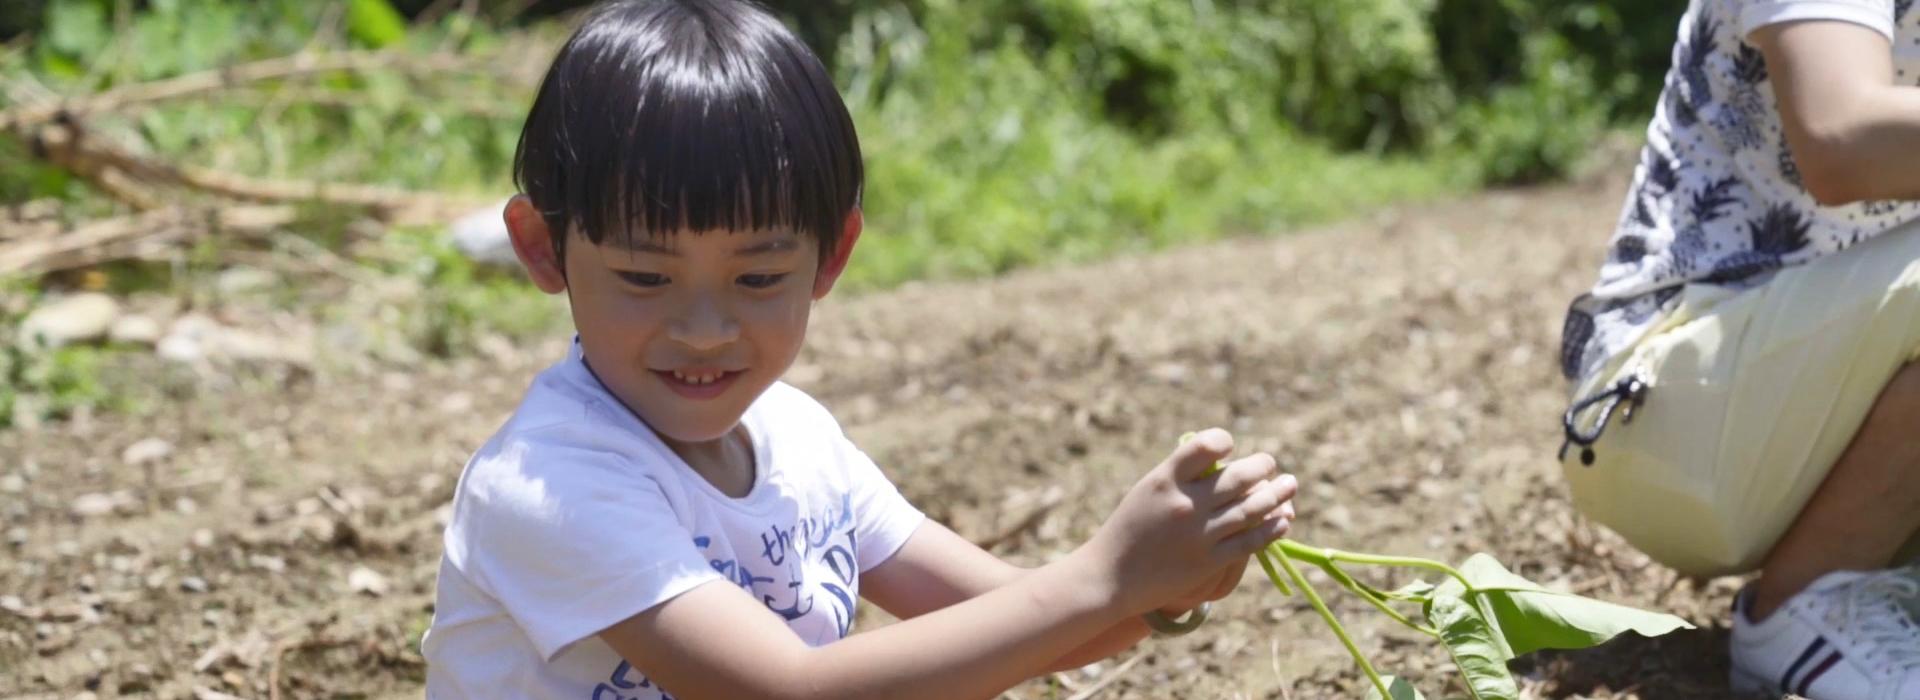 百萬蔬菜免費送 這家人超有愛